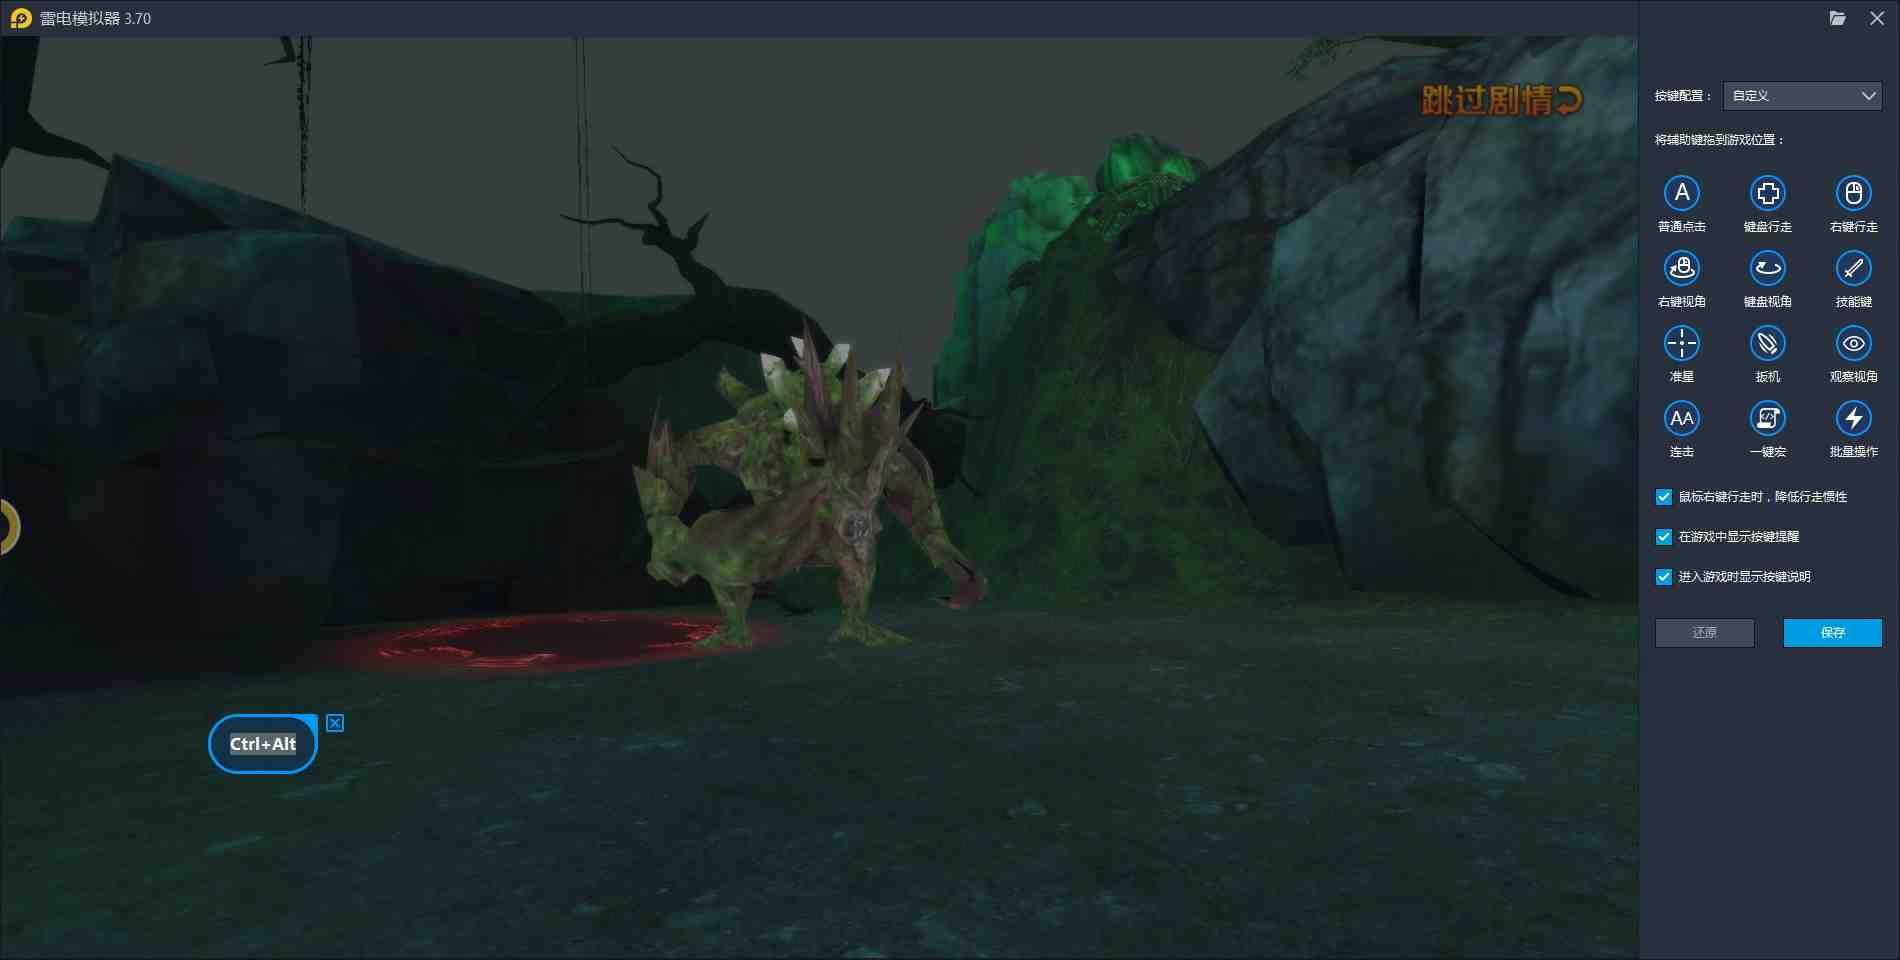 【圣剑神域】电脑版怎么玩—安卓模拟器使用教程